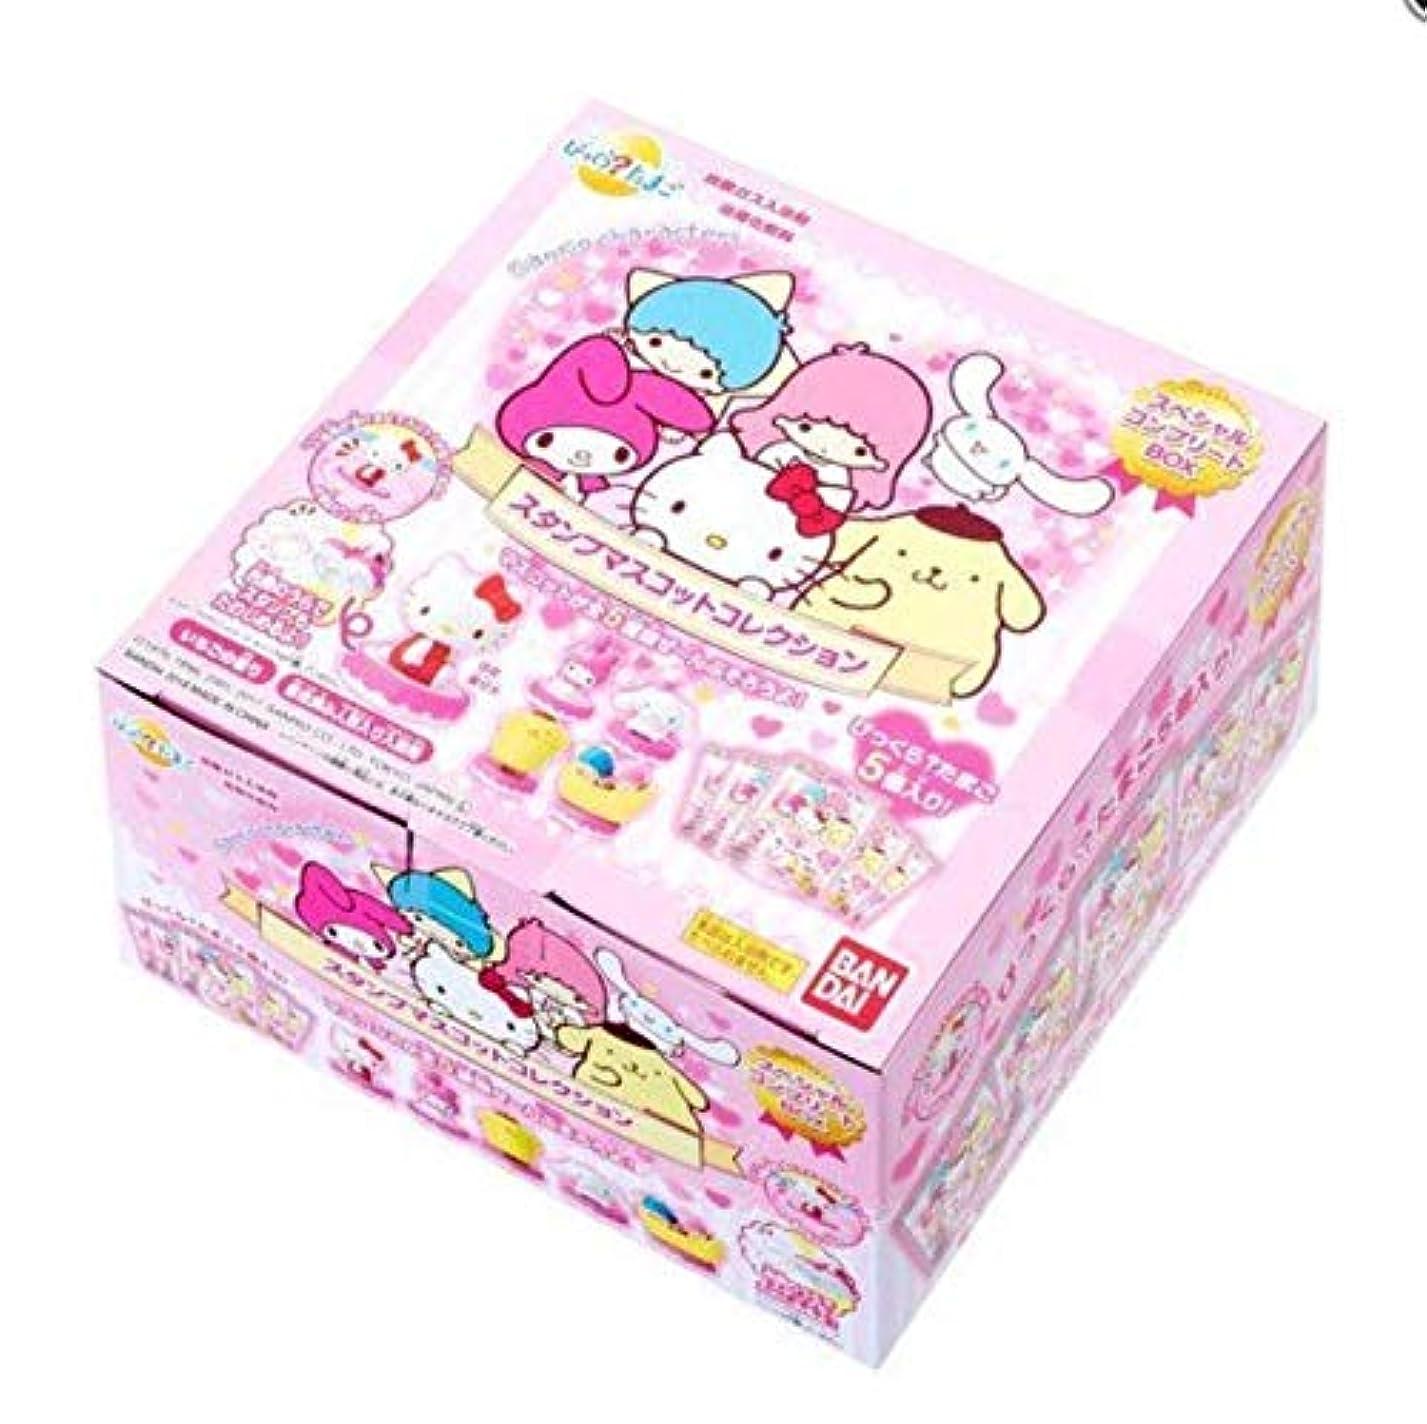 だますチェリー検査官びっくら?たまご サンリオキャラクターズ スタンプマスコットコレクション スペシャルコンプリートBOX